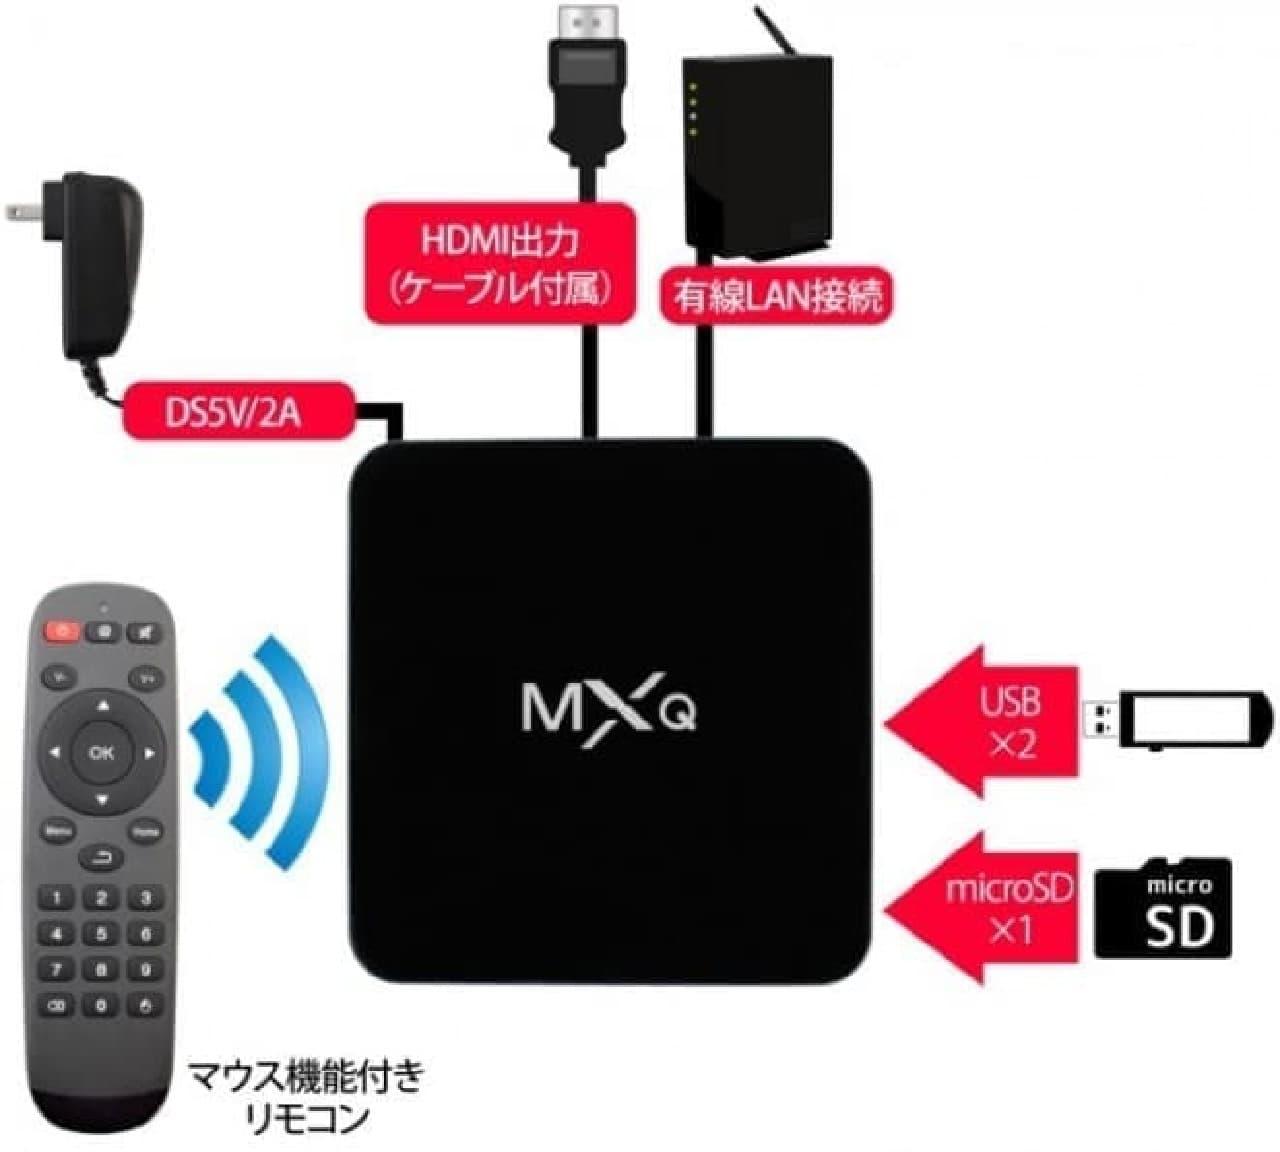 Android6.0.1を搭載したデスクトップPC…HDMIコンパクトメディアプレーヤー